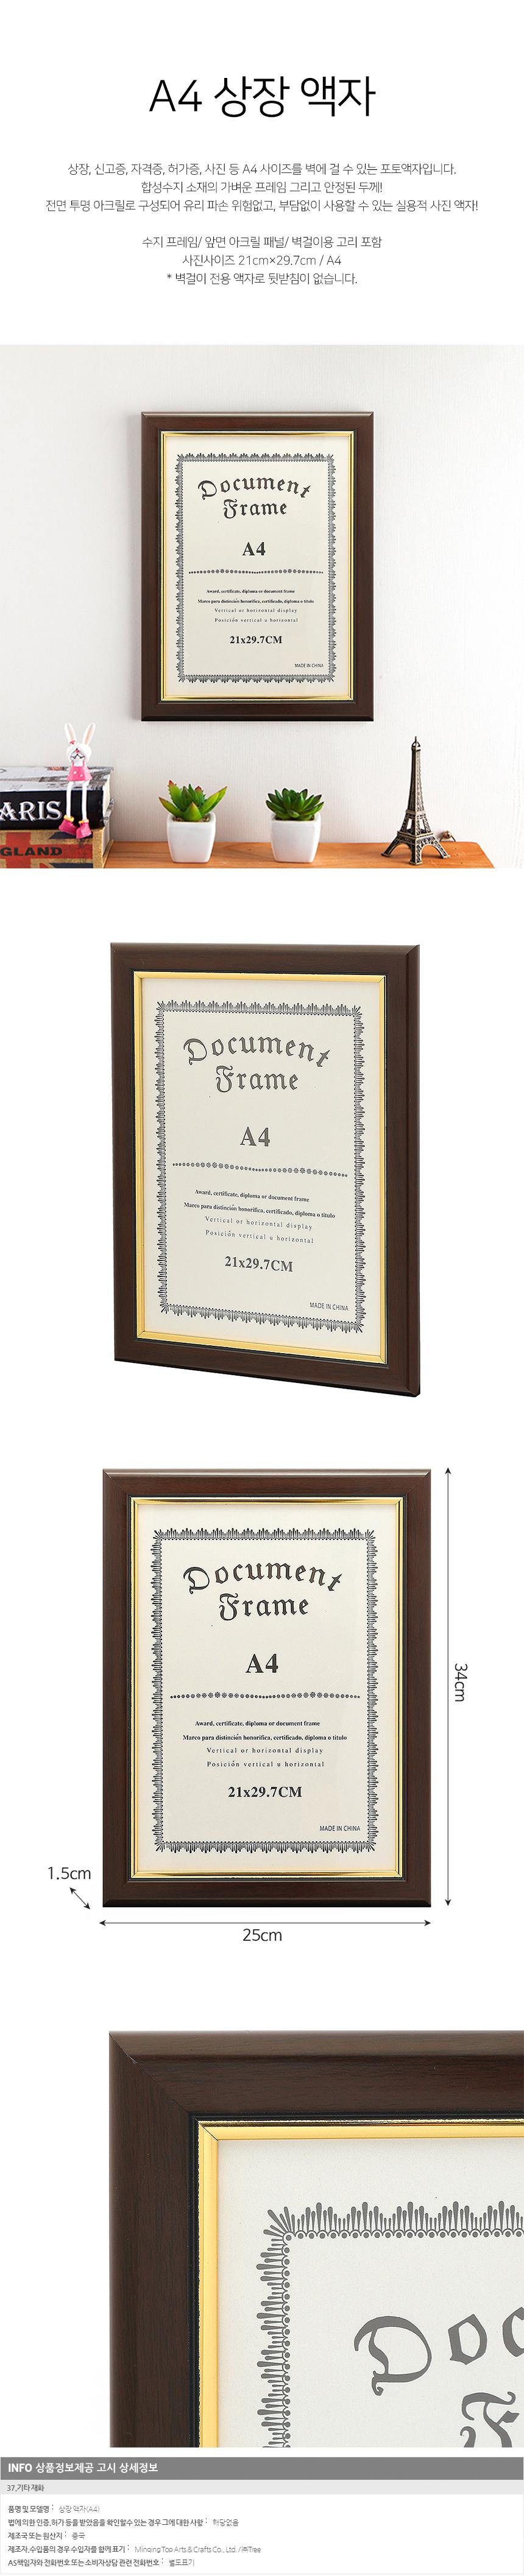 다크브라운 상장액자(A4) - 기프트갓, 4,330원, 액자, 벽걸이액자